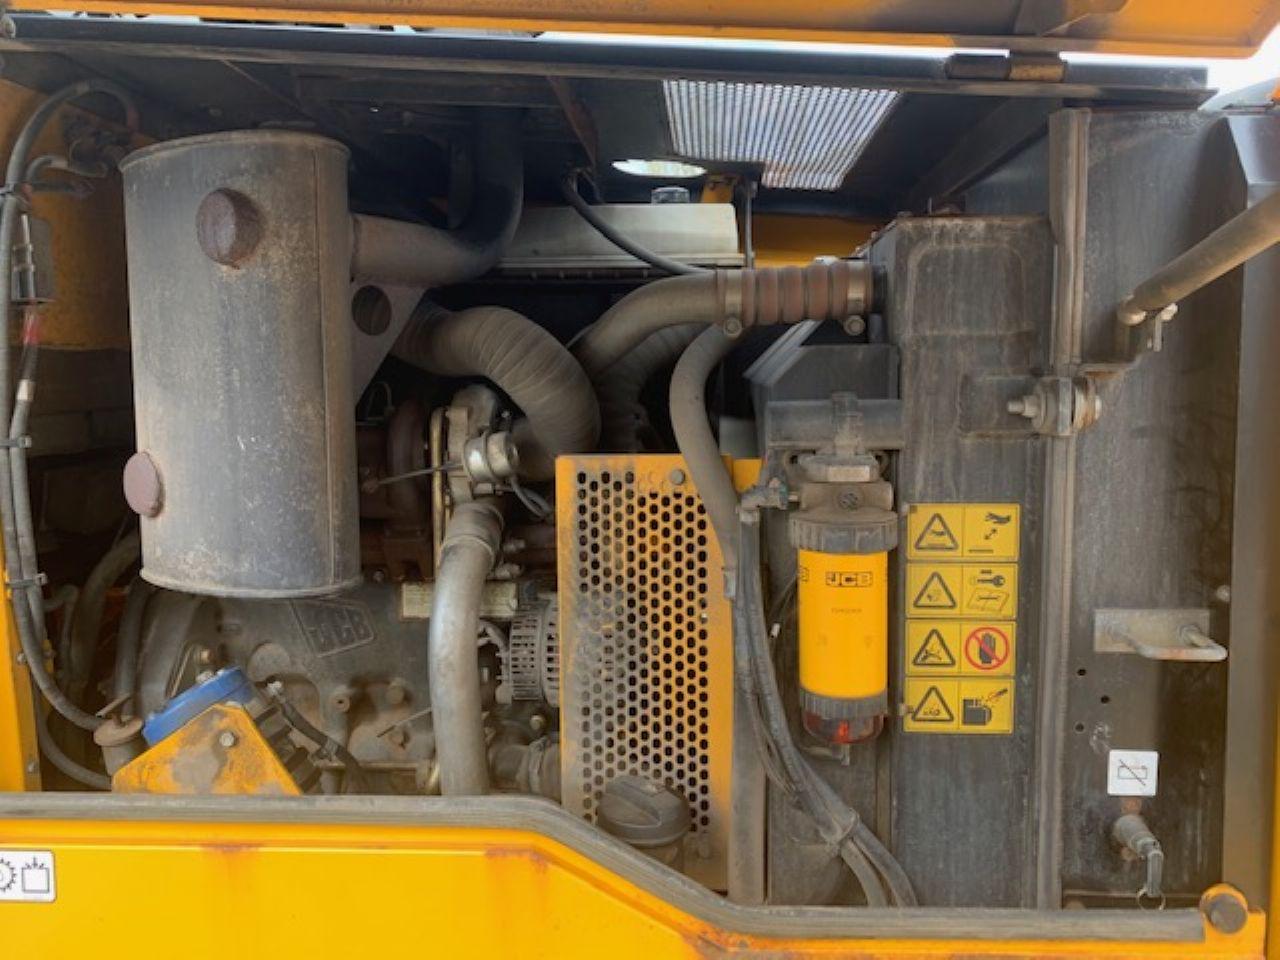 JCB 416 HT WHEEL LOADER - Picture 6